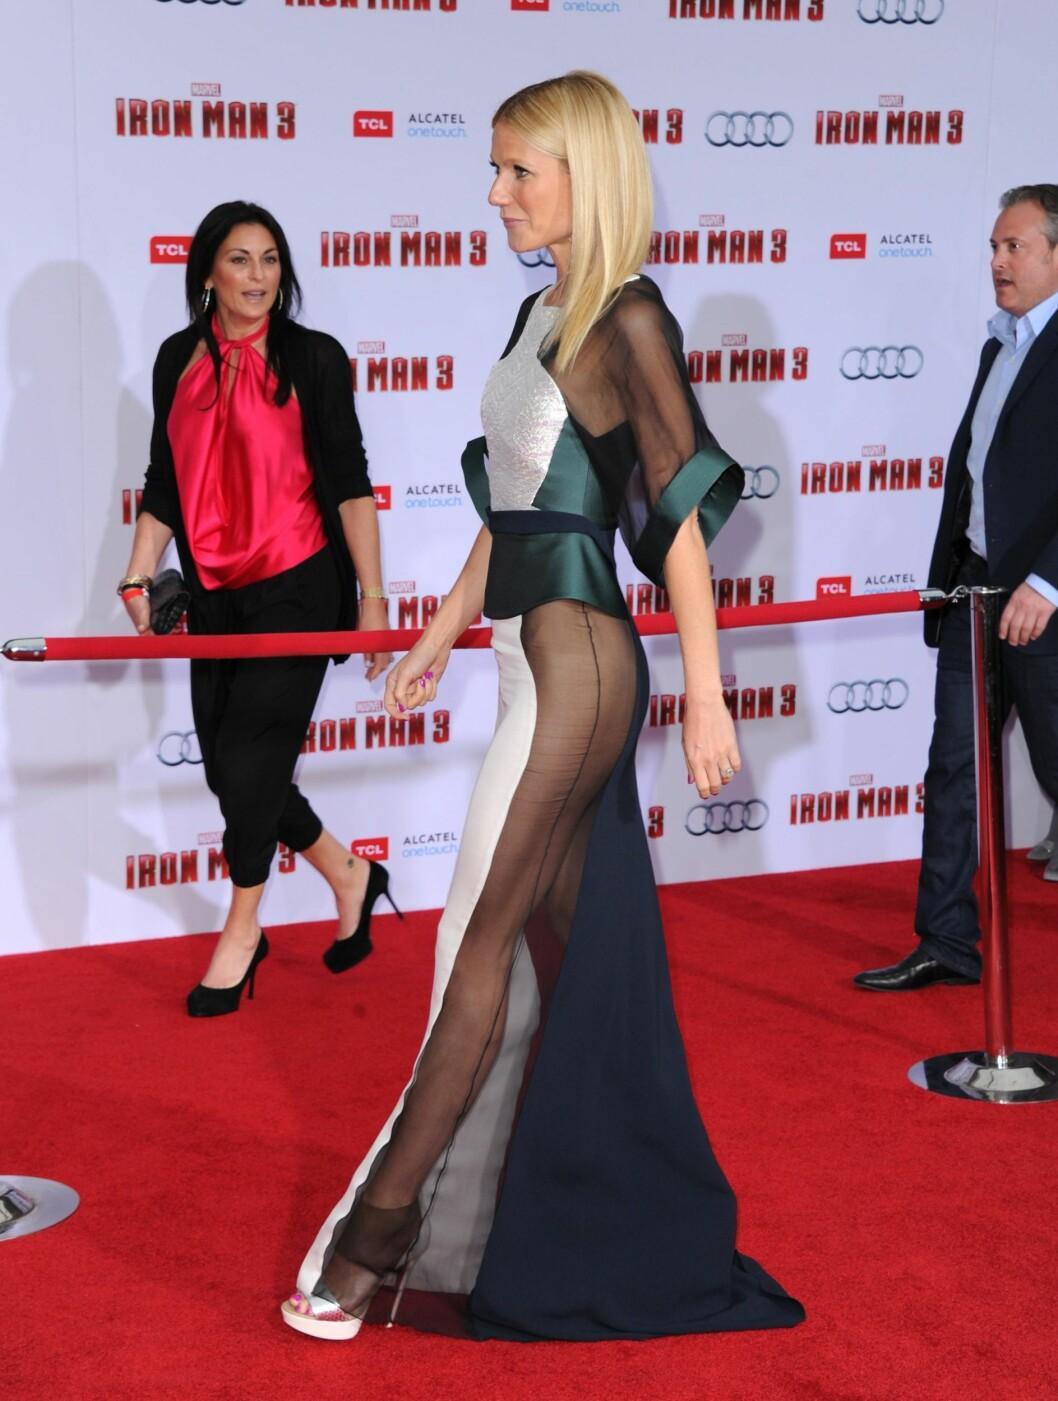 <strong>VAKTE OPPSIKT:</strong> Gwyneth Paltrow sikret seg alles oppmerksomhet da hun dukket opp i denne kreasjonen under «Iron Man 3»-premieren i 2013. Foto: Abaca